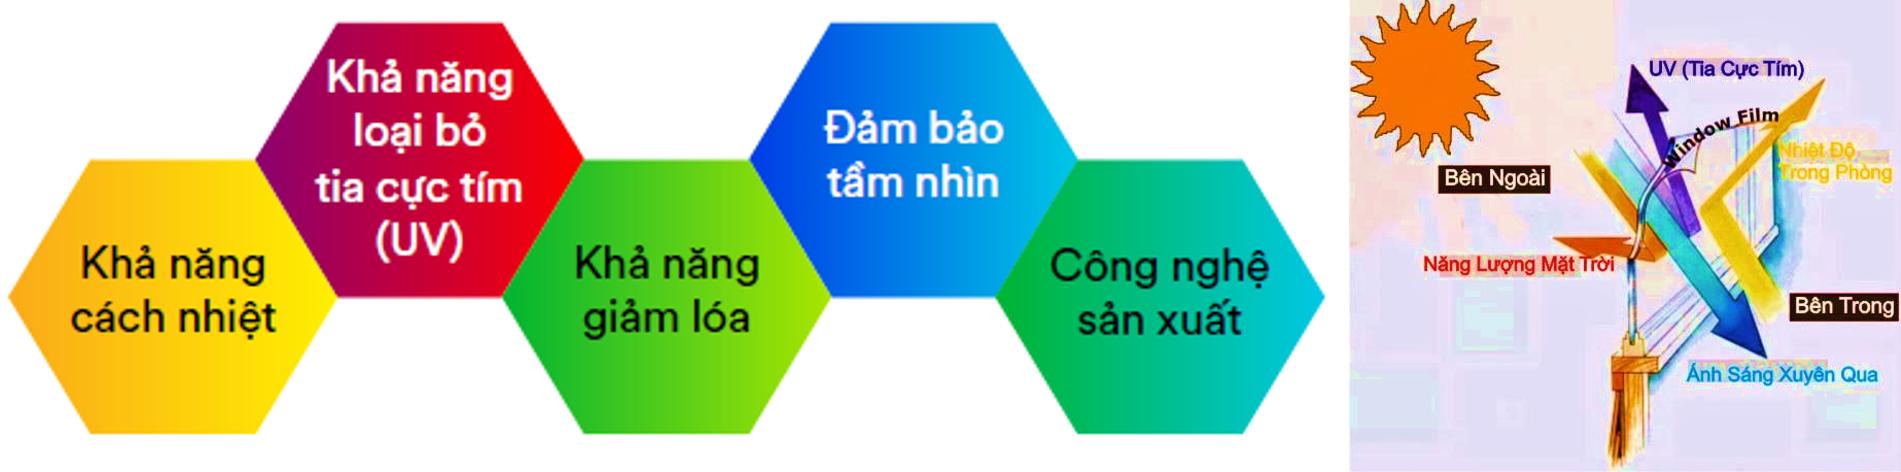 tinh-nang-phim-3m-crystalline